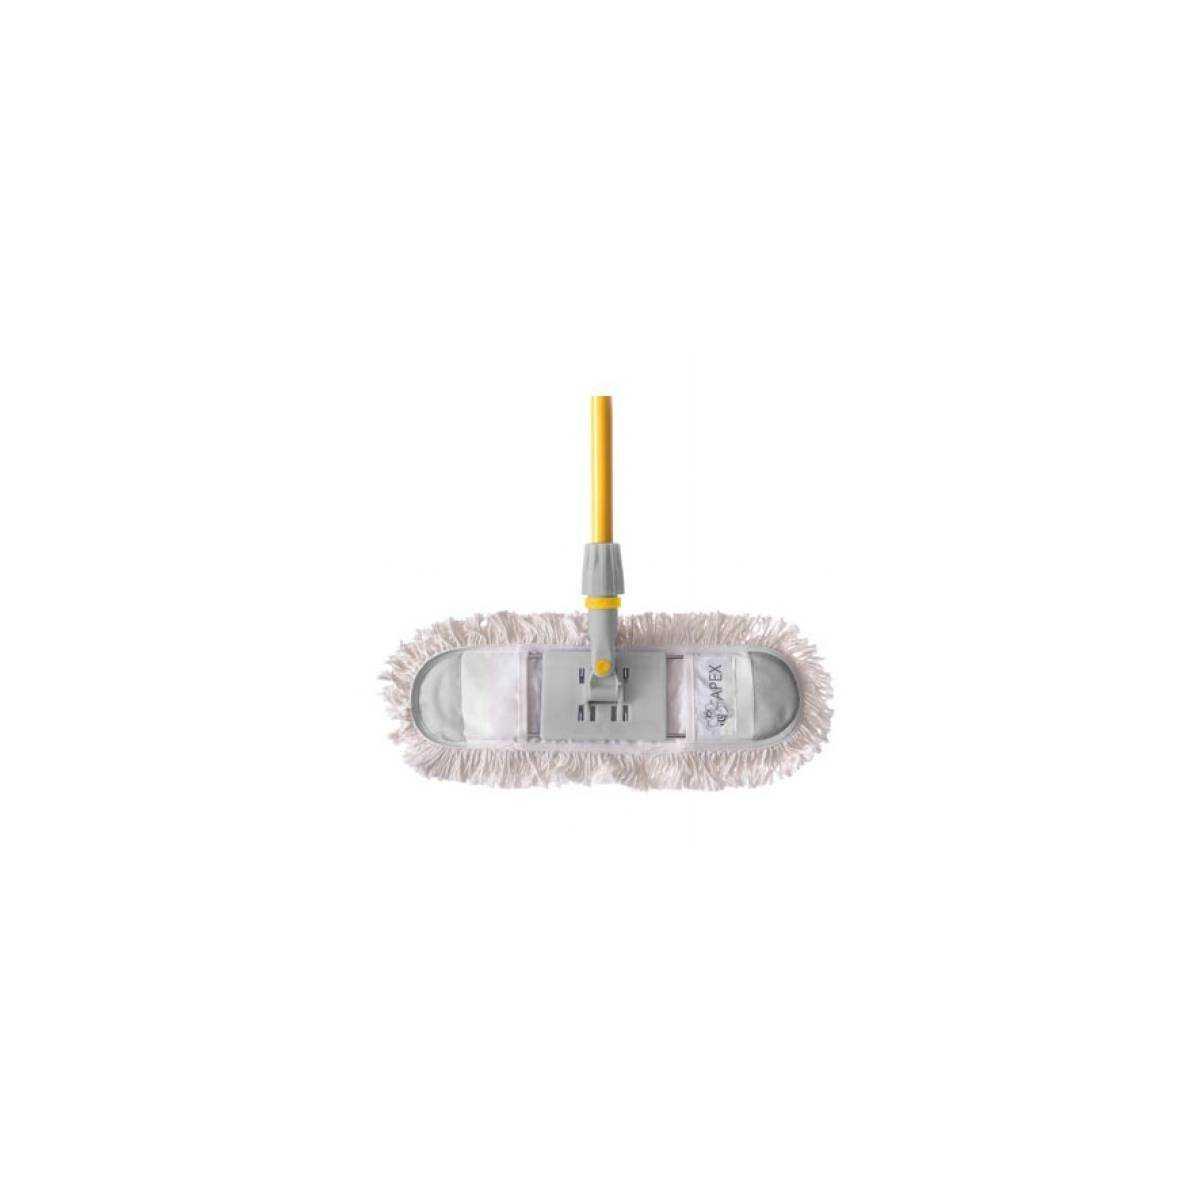 Швабра для сухой уборки хлопок 40см 10825 APEX - Fratelli Re SpA